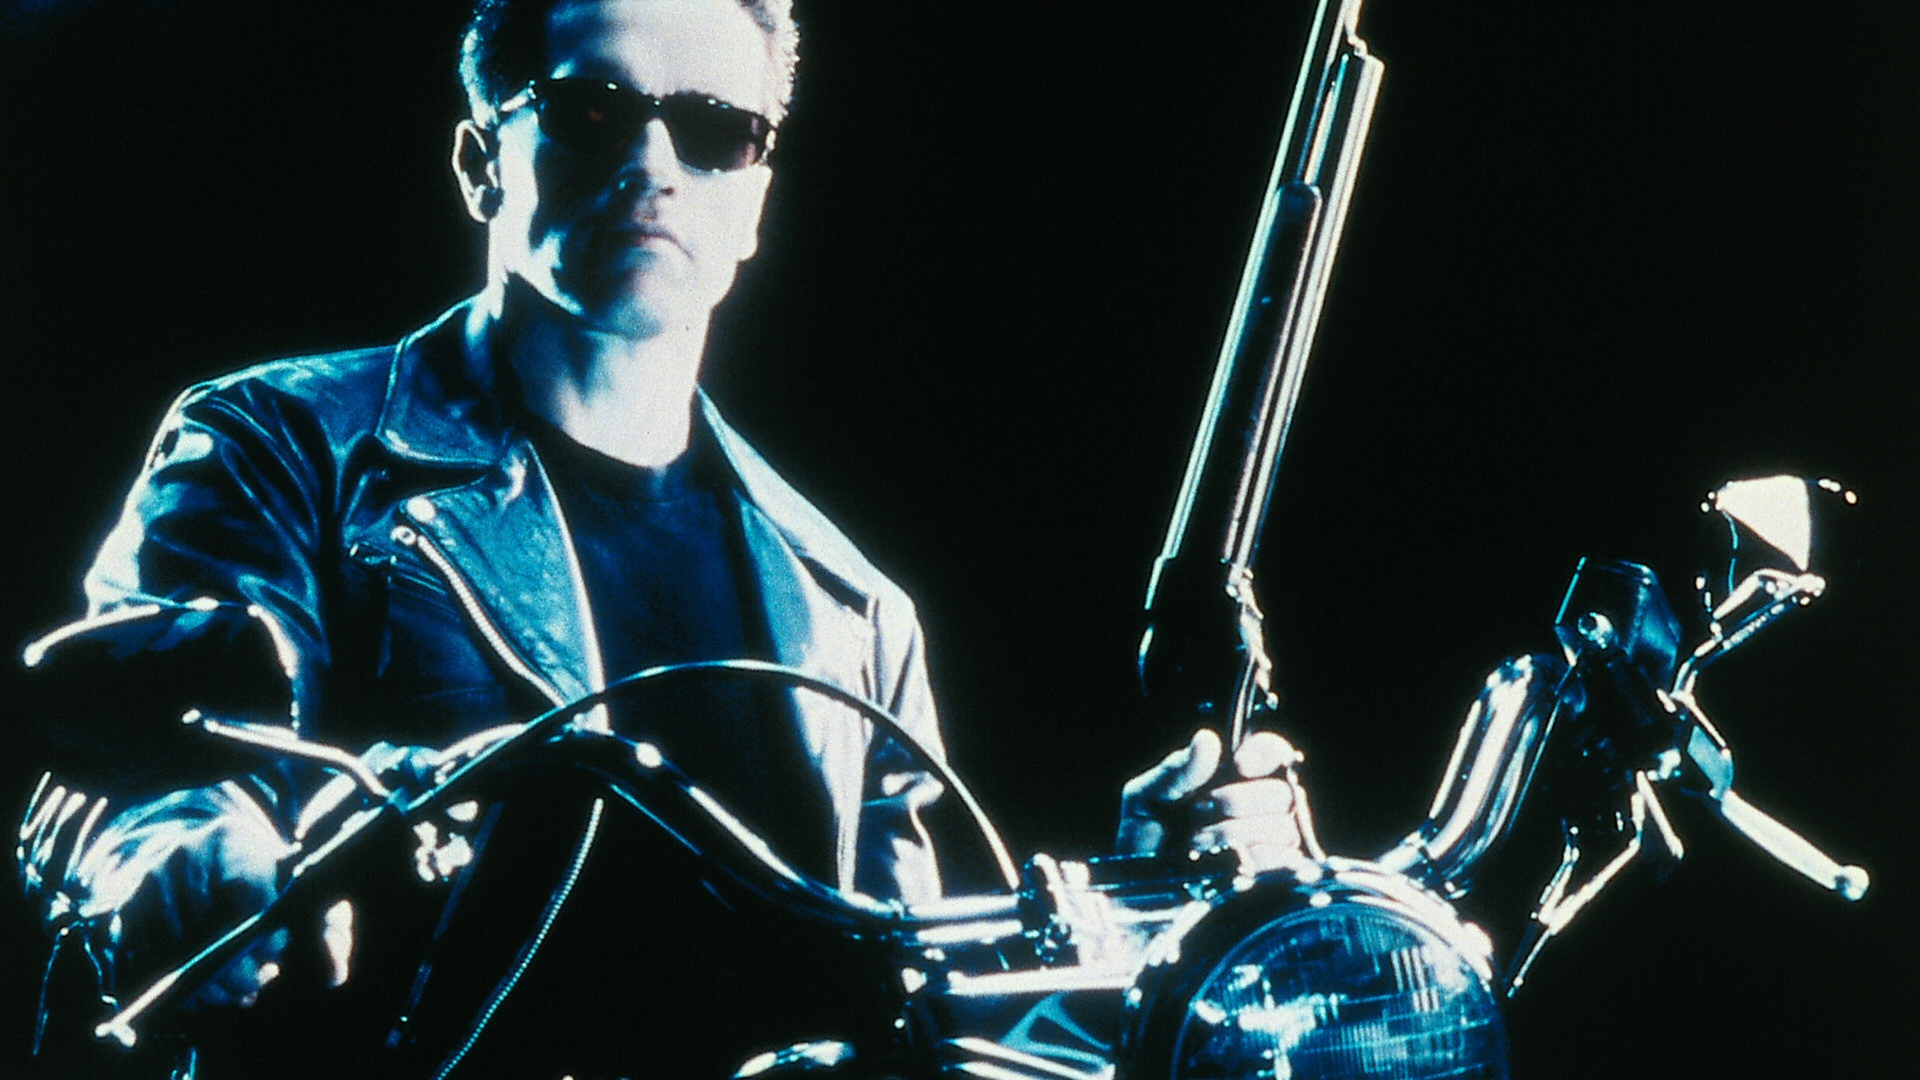 Terminator 2 wallpaper wallpapersafari - Terminator 2 wallpaper hd ...